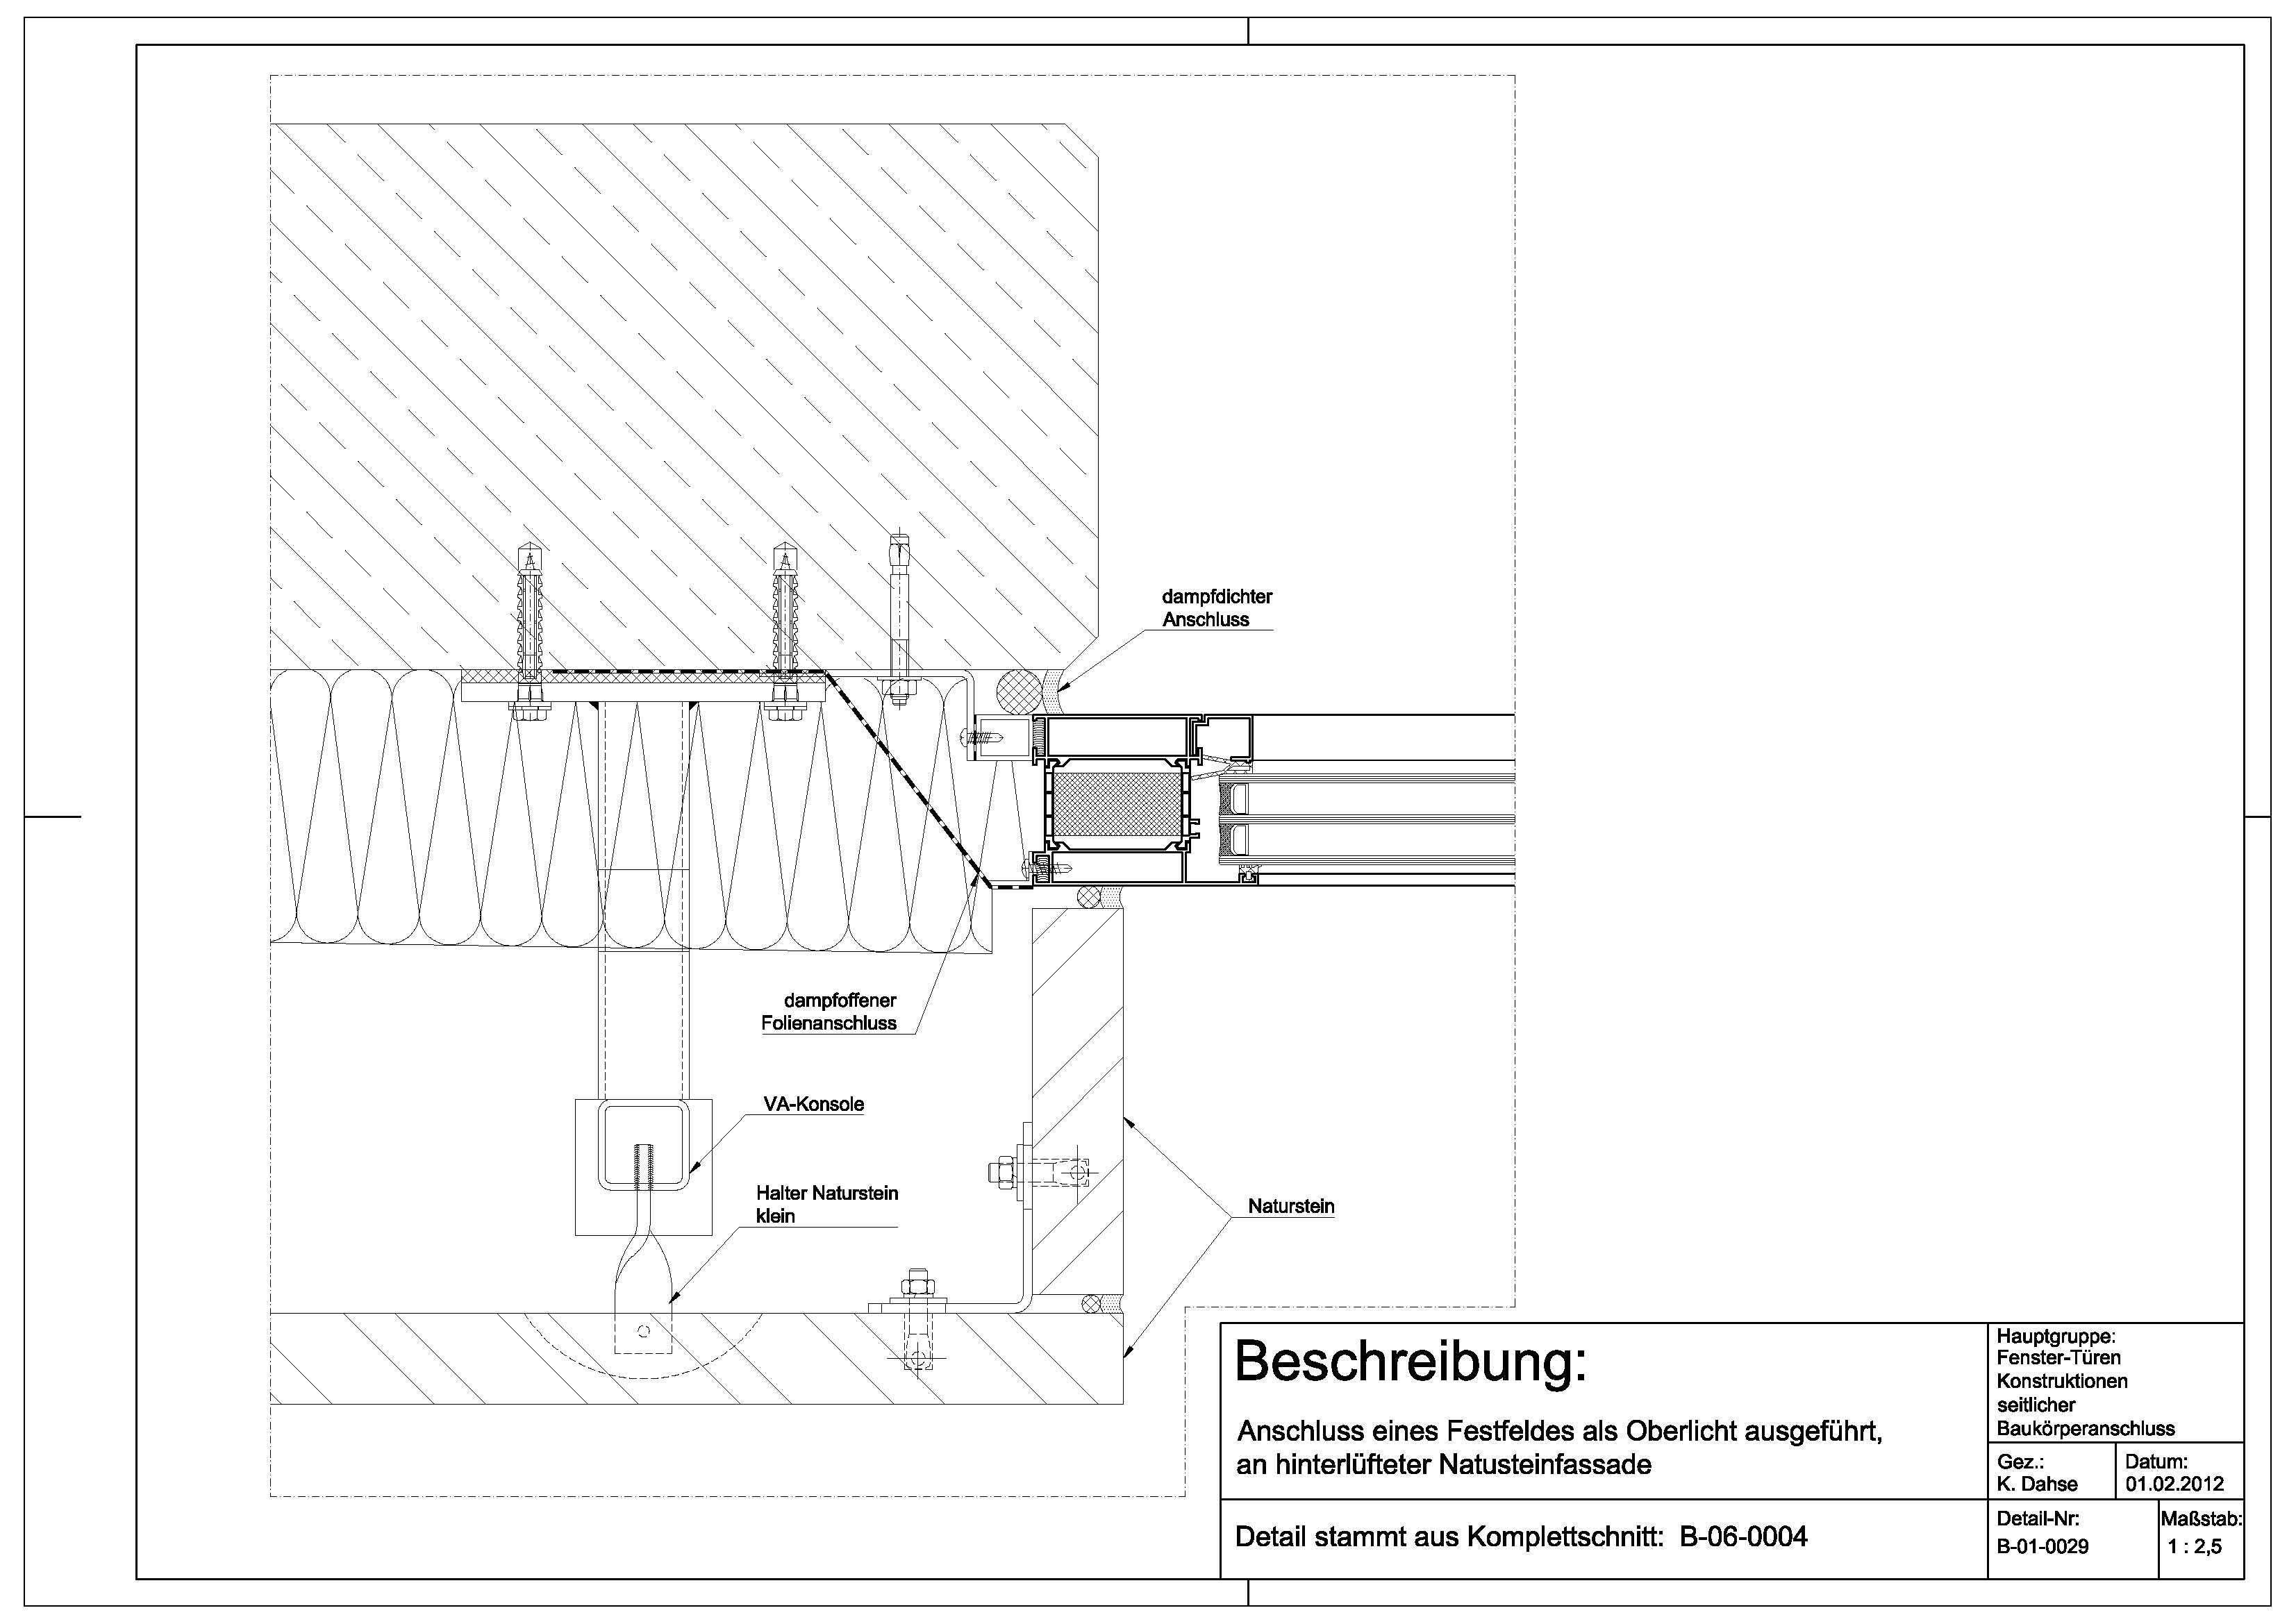 Tür detail grundriss  B-01-0022 Anschluss einer 2.flg.-Tür nach innen öffnend an ...